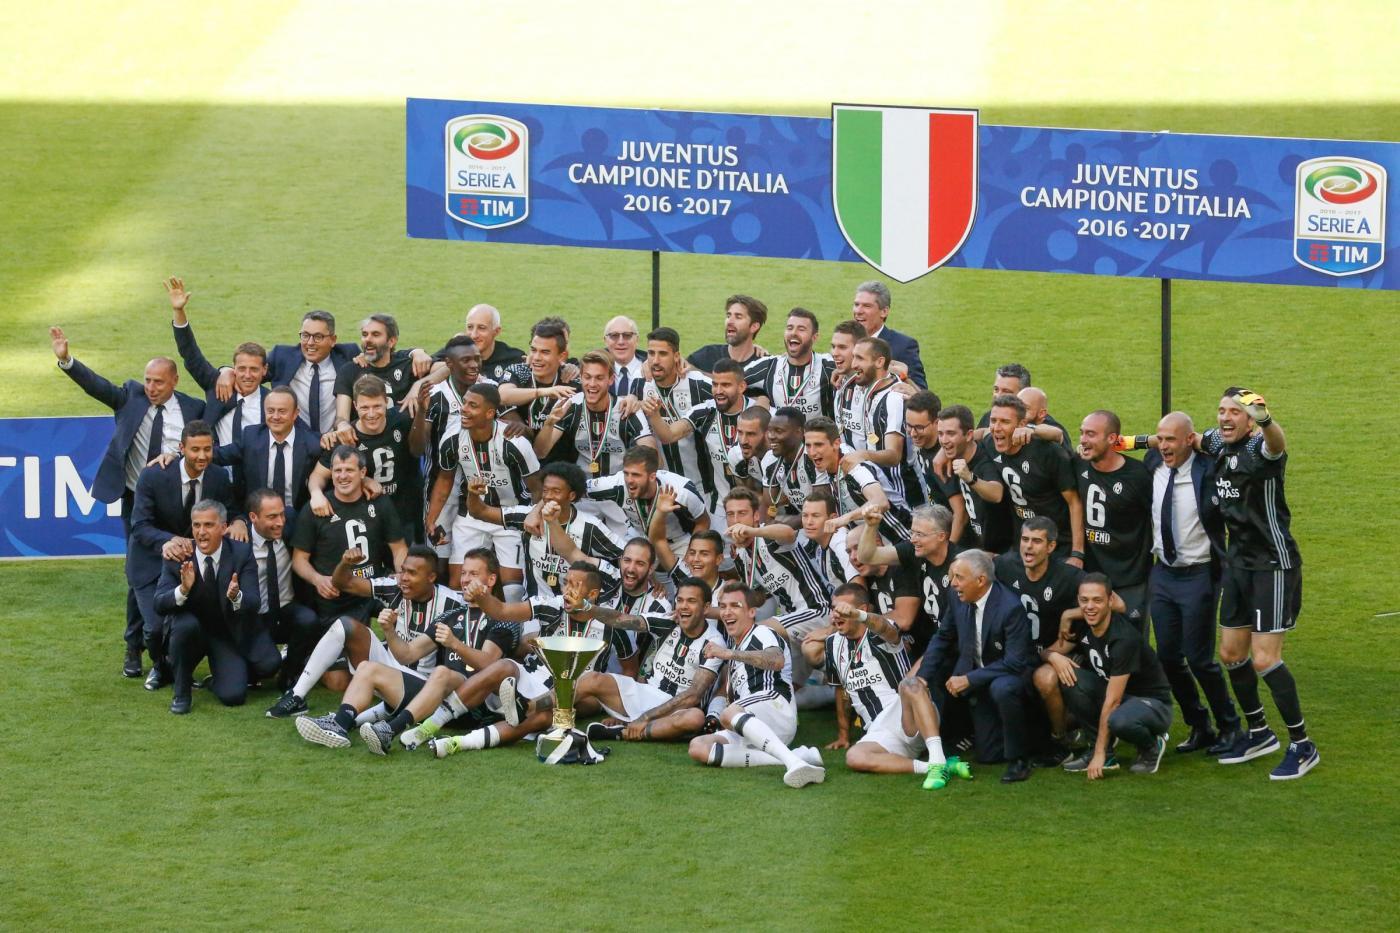 Allegri Juventus, Marotta: